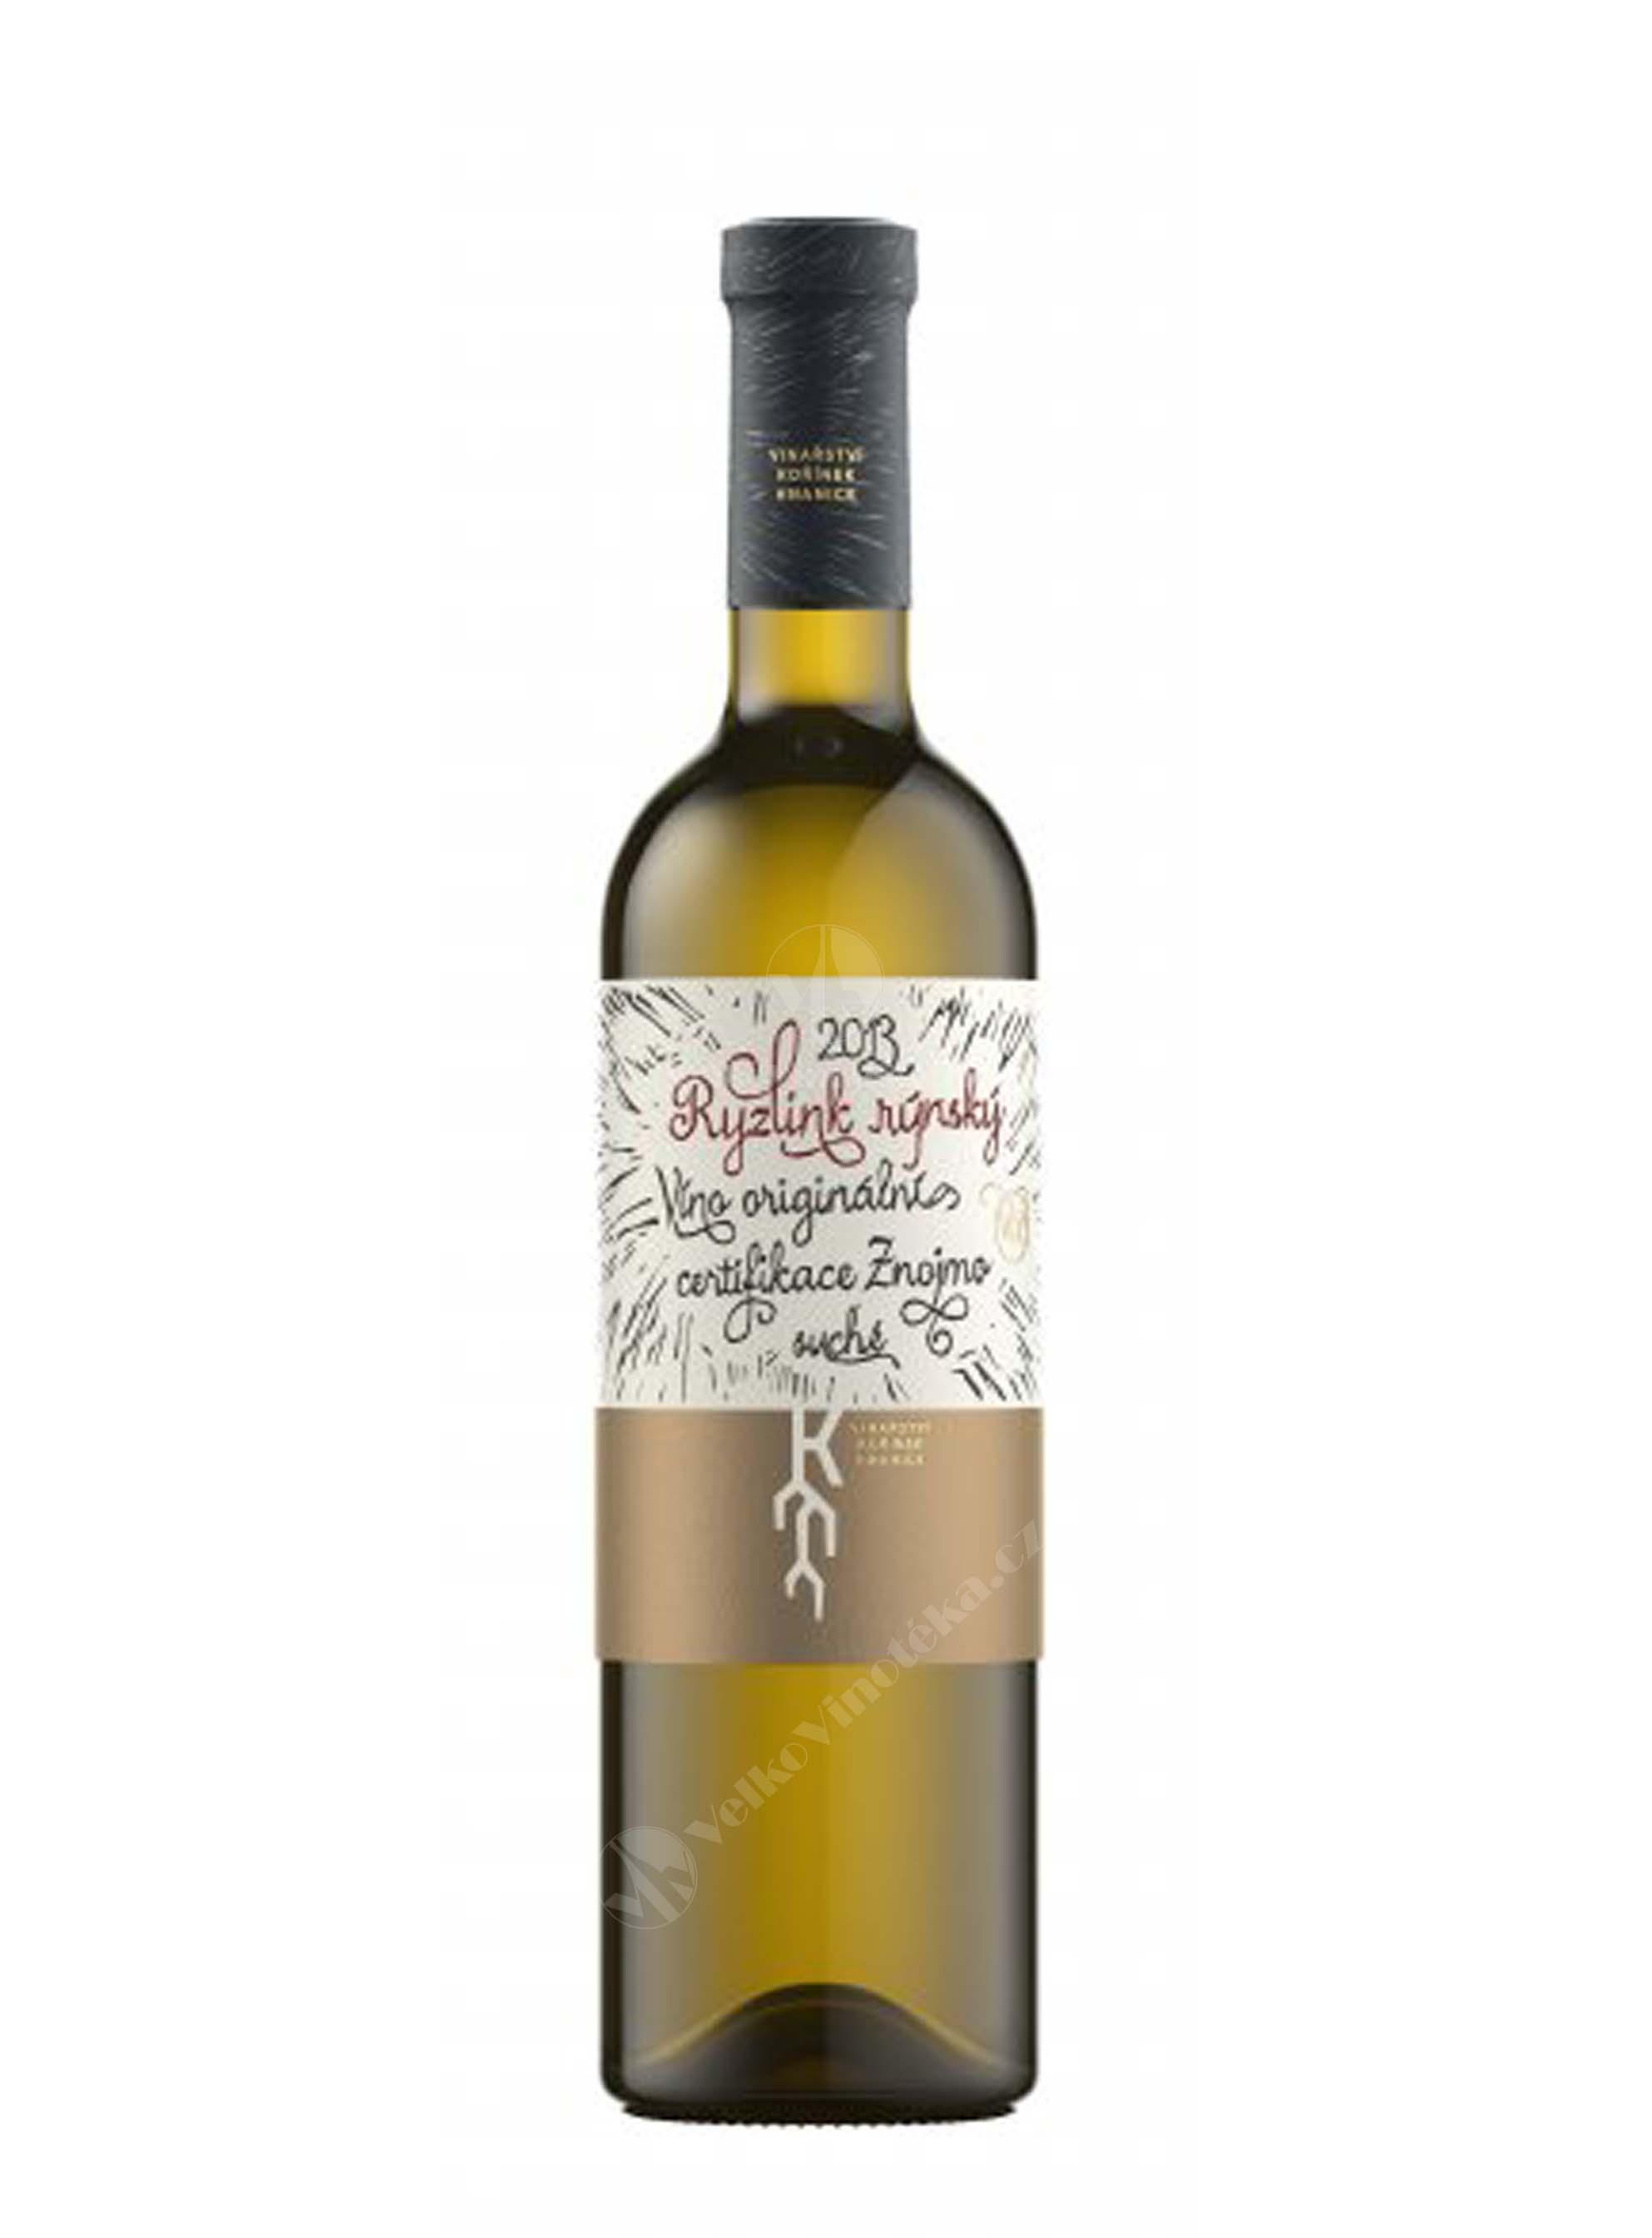 Ryzlink rýnský, Premium, VOC, 2013, Vinařství Kořínek, 0.75 l